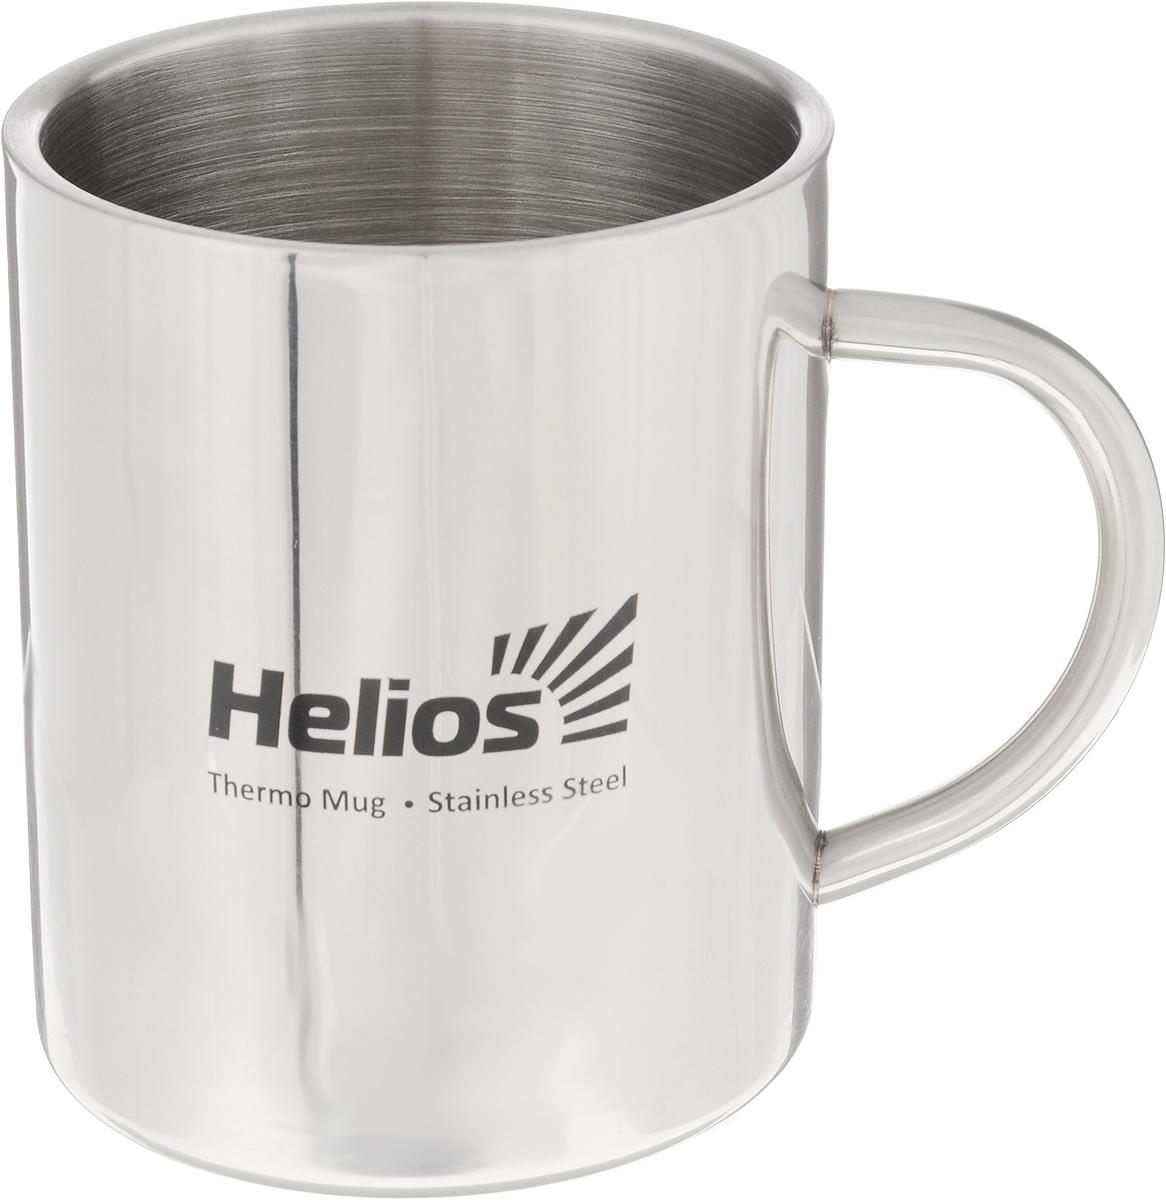 Термокружка HeliosHS TK-010,450 млWS 7064Термокружка Helios HS TK-010 предназначена специально для горячих и холодных напитков. Она изготовлена из высококачественной нержавеющей стали. Двойная стенка гарантирует долгое сохранение температуры и убережет от ожогов при заваривании чая или кофе. Такая кружка прекрасно сохраняет свою целостность и первозданный вид даже при многократном использовании.Диаметр кружки (по верхнему краю): 8,5 см. Высота кружки: 10,5 см.